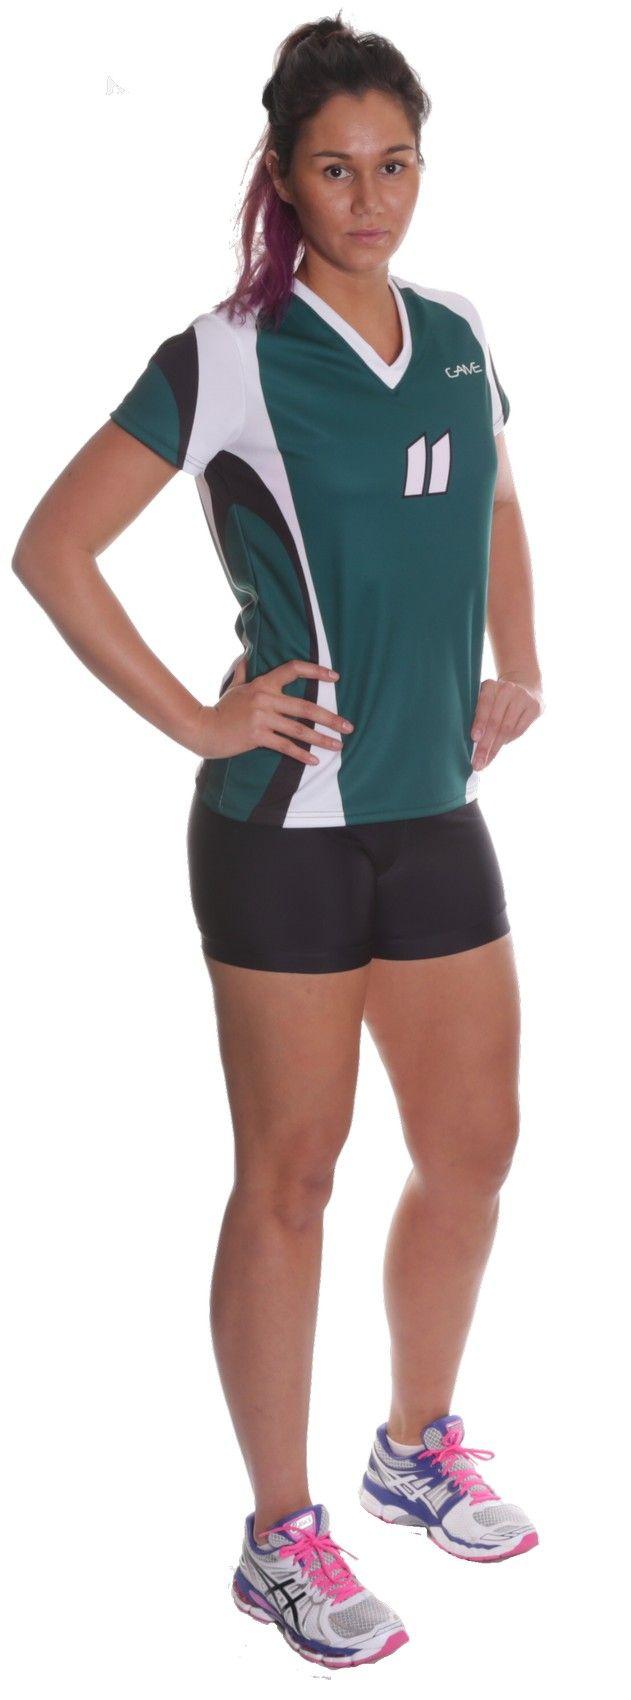 Womens Volleyball Uniforms | #Volleyball #VolleyballUniforms #VolleyballSpandex